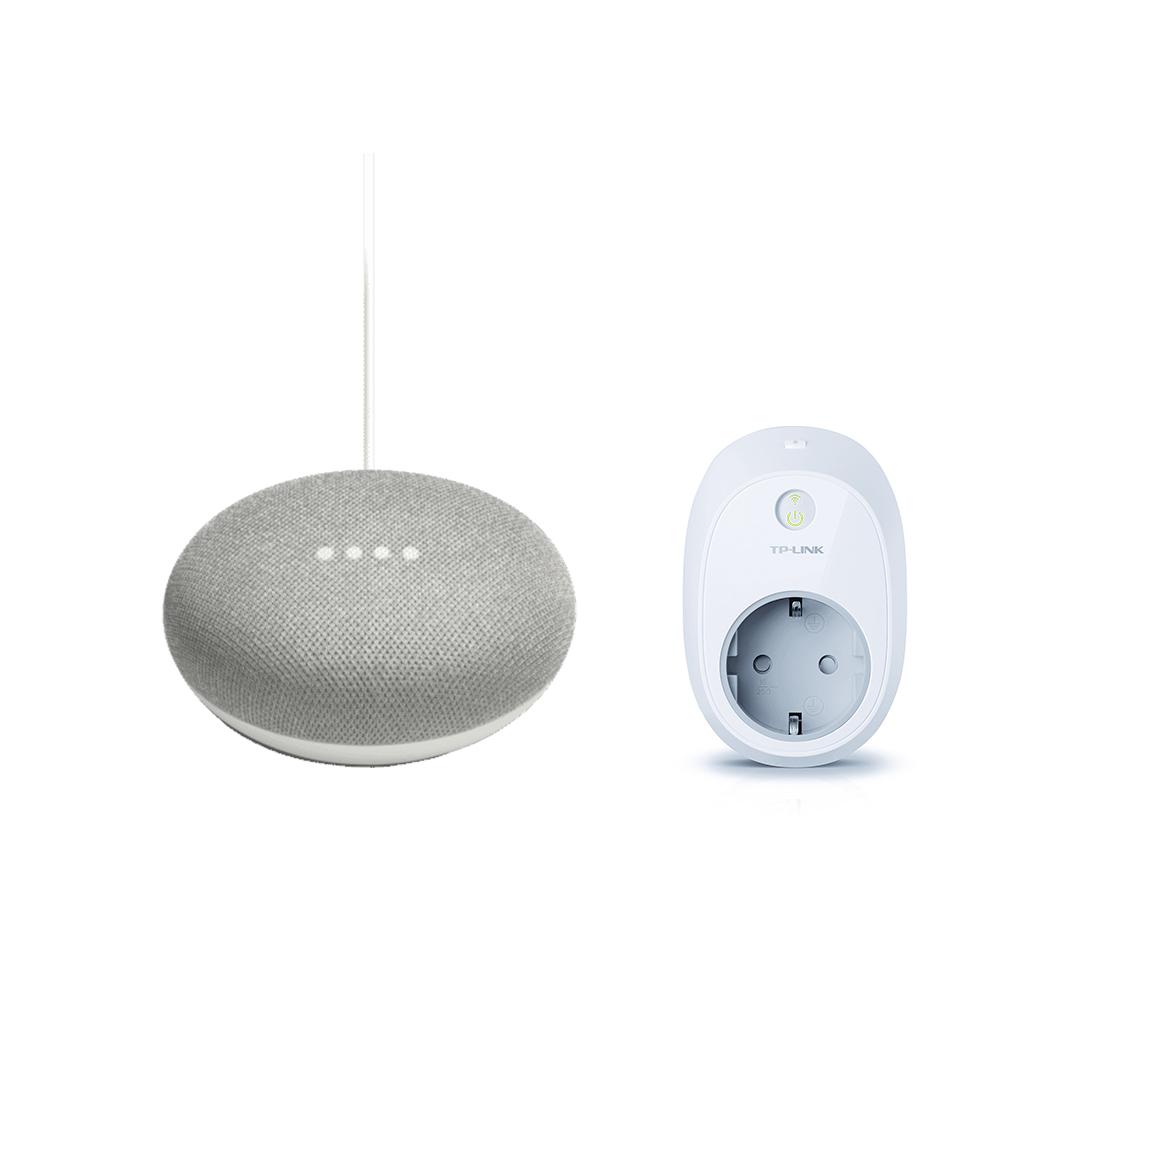 Google Nest, TP-Link Google Home Mini + TP-Link HS100